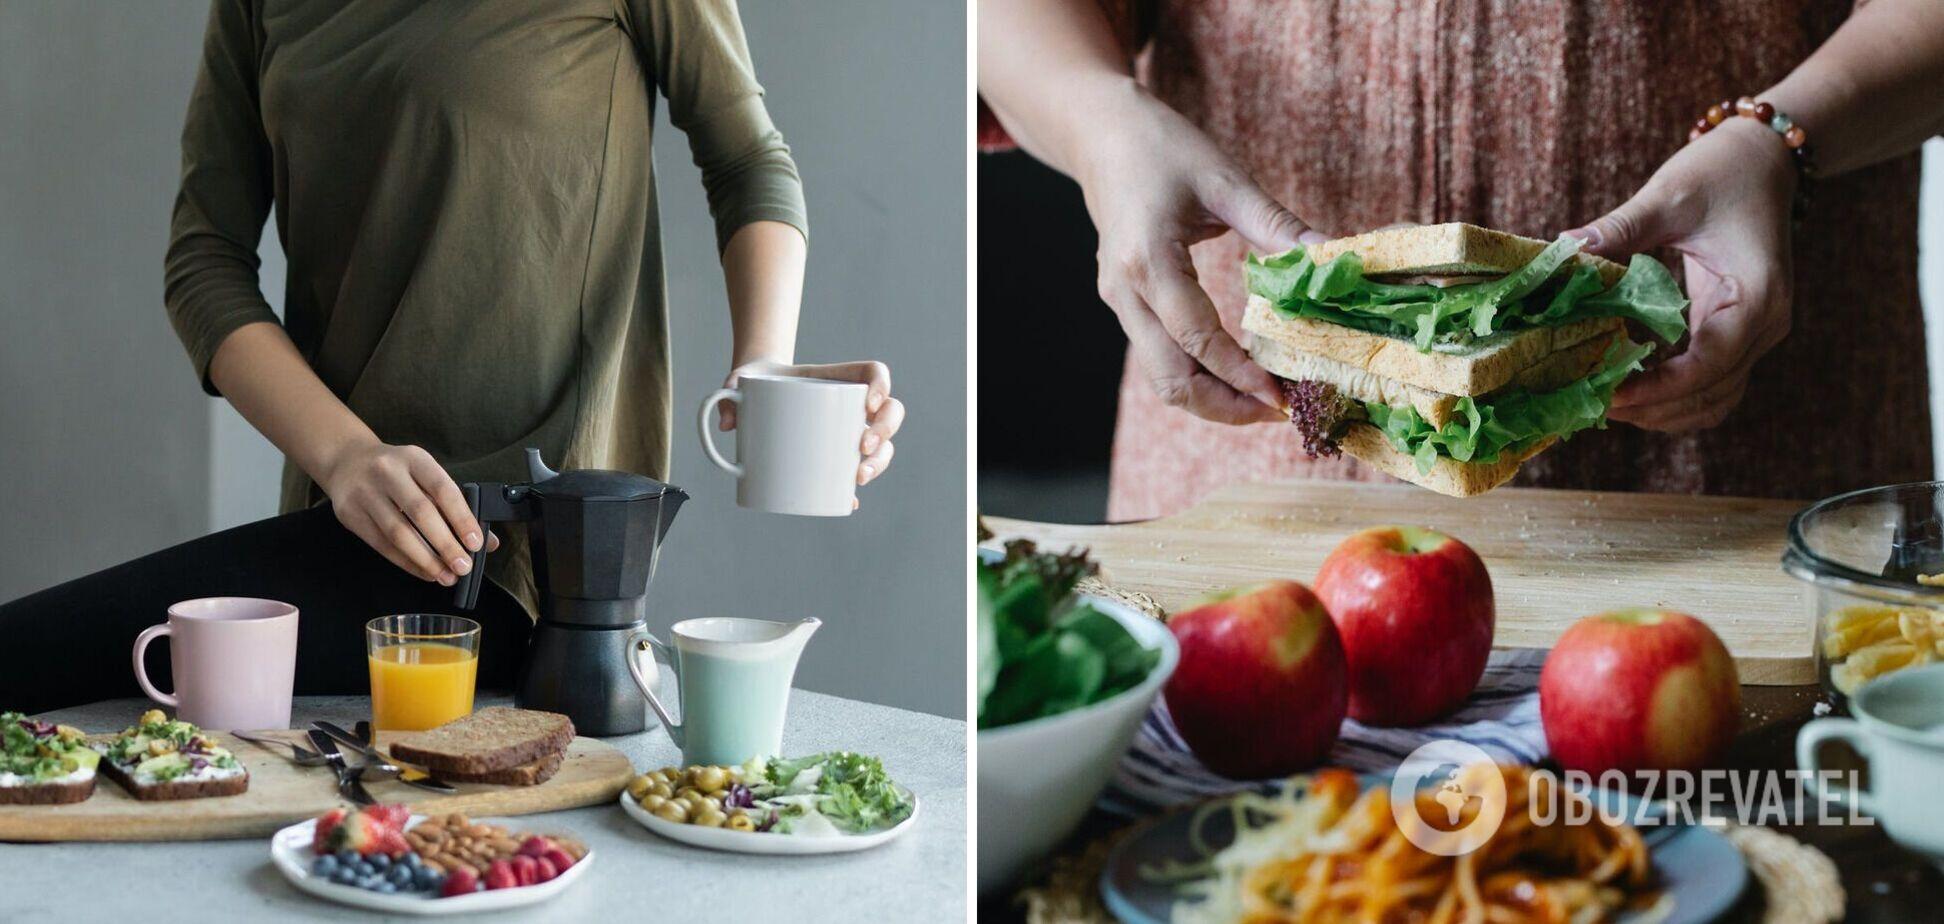 Що приготувати на перекус, коли бутерброди набридли: небанальне рішення